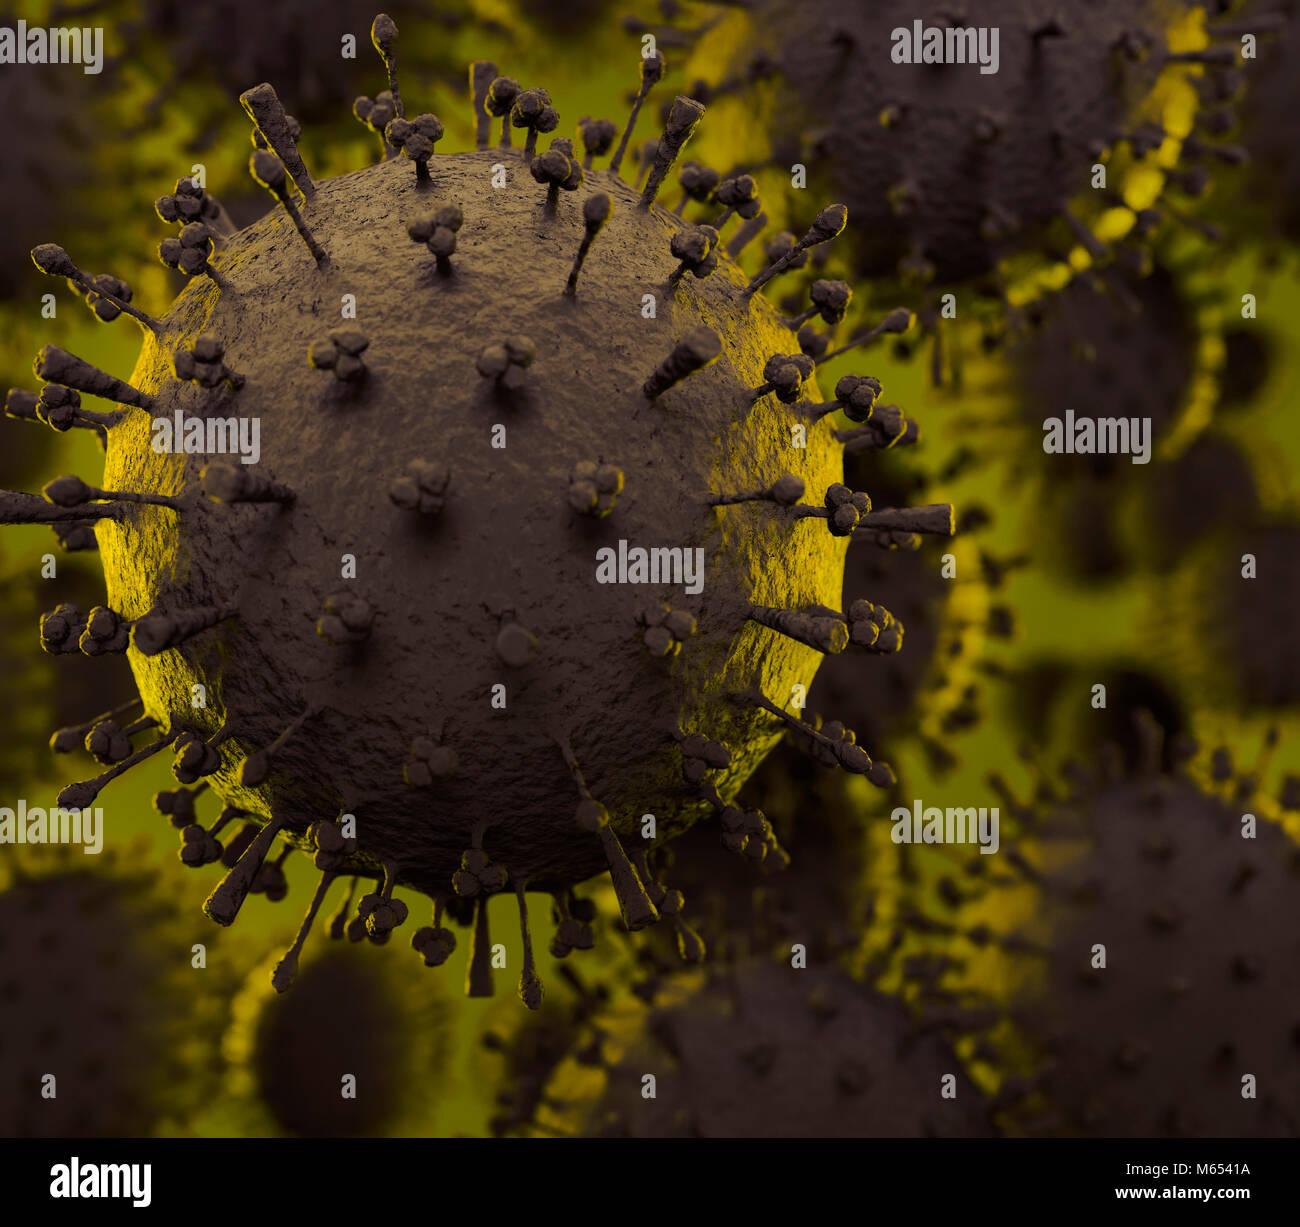 Le virus de la grippe H1N1, H5N1, virus de l'influenza A virus - particules au microscope. Illustration scientifique Photo Stock